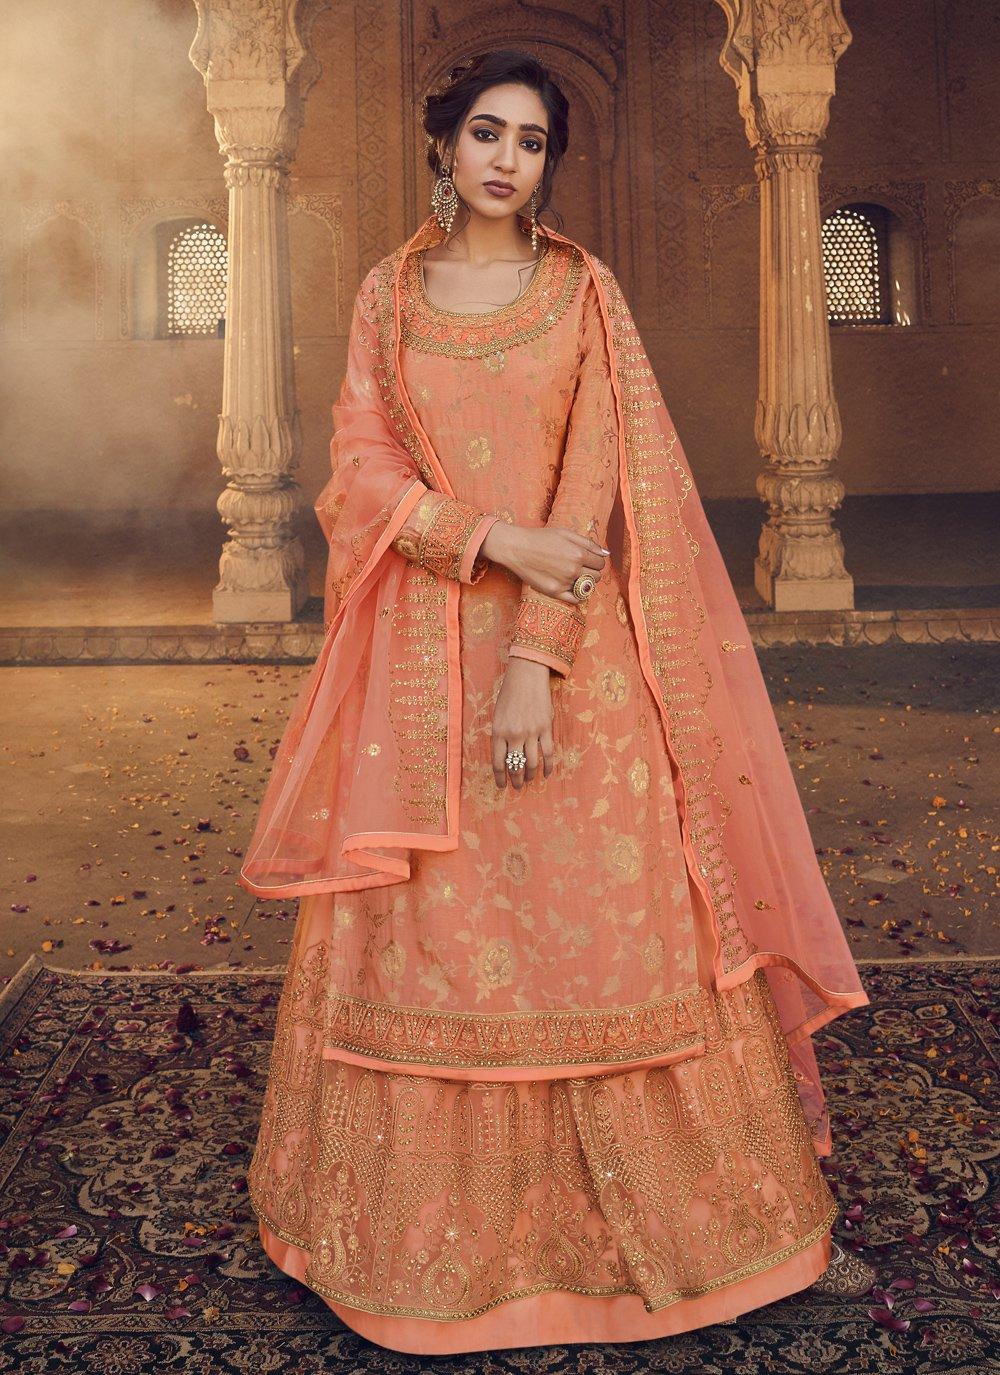 Orange Engagement Jacquard Long Choli Lehenga